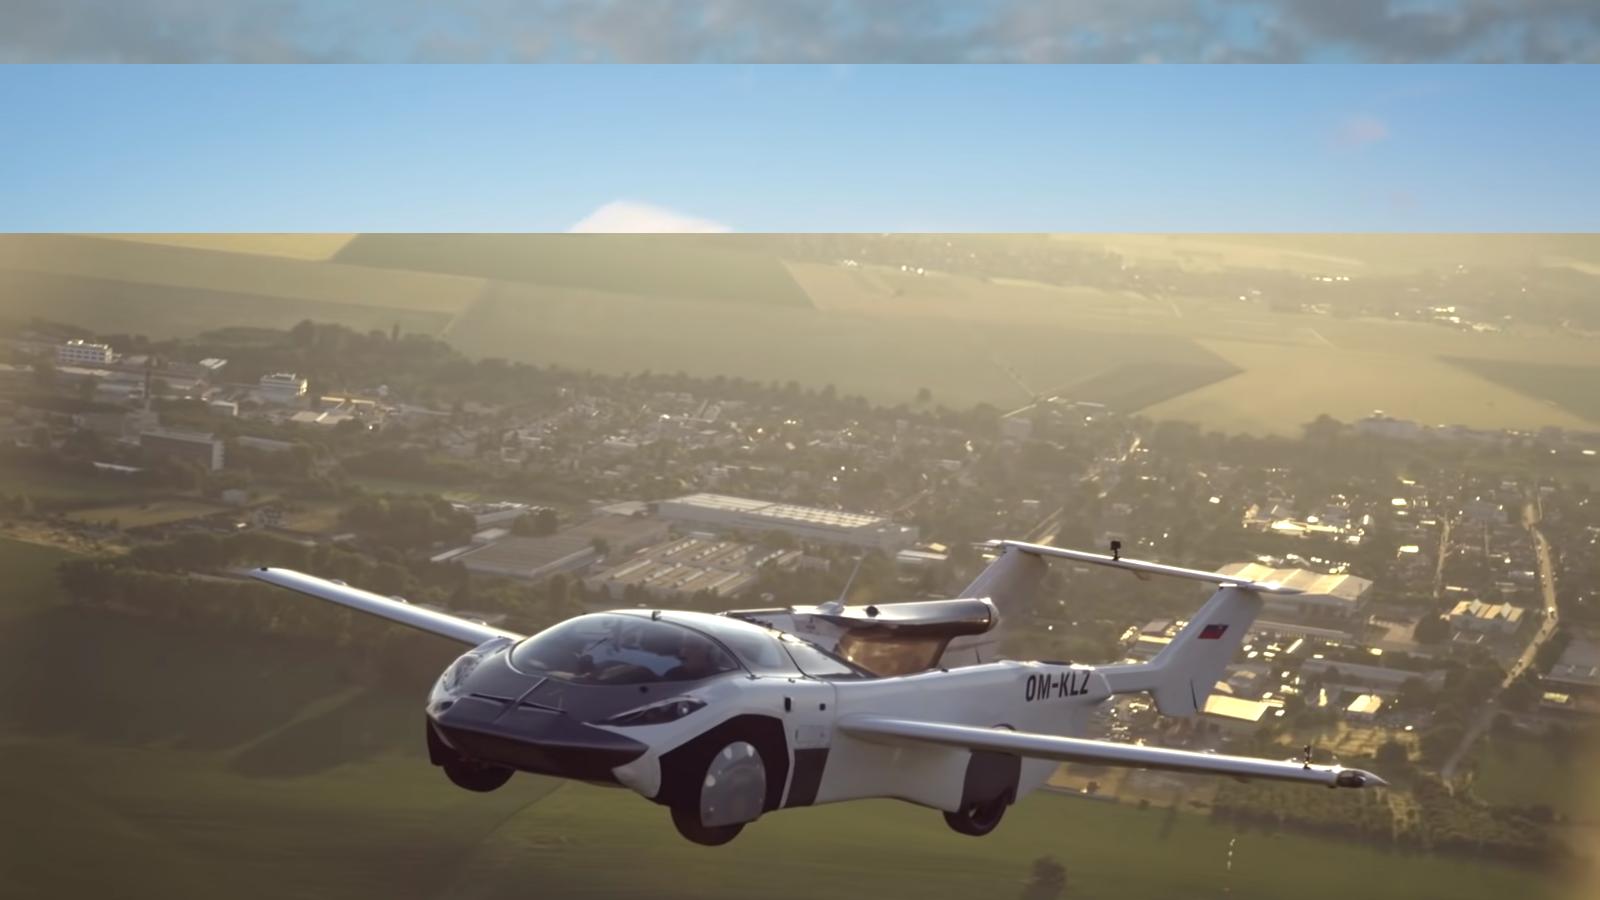 Protótipo de Carro voador da Klein Vision completou teste de 35 minutos